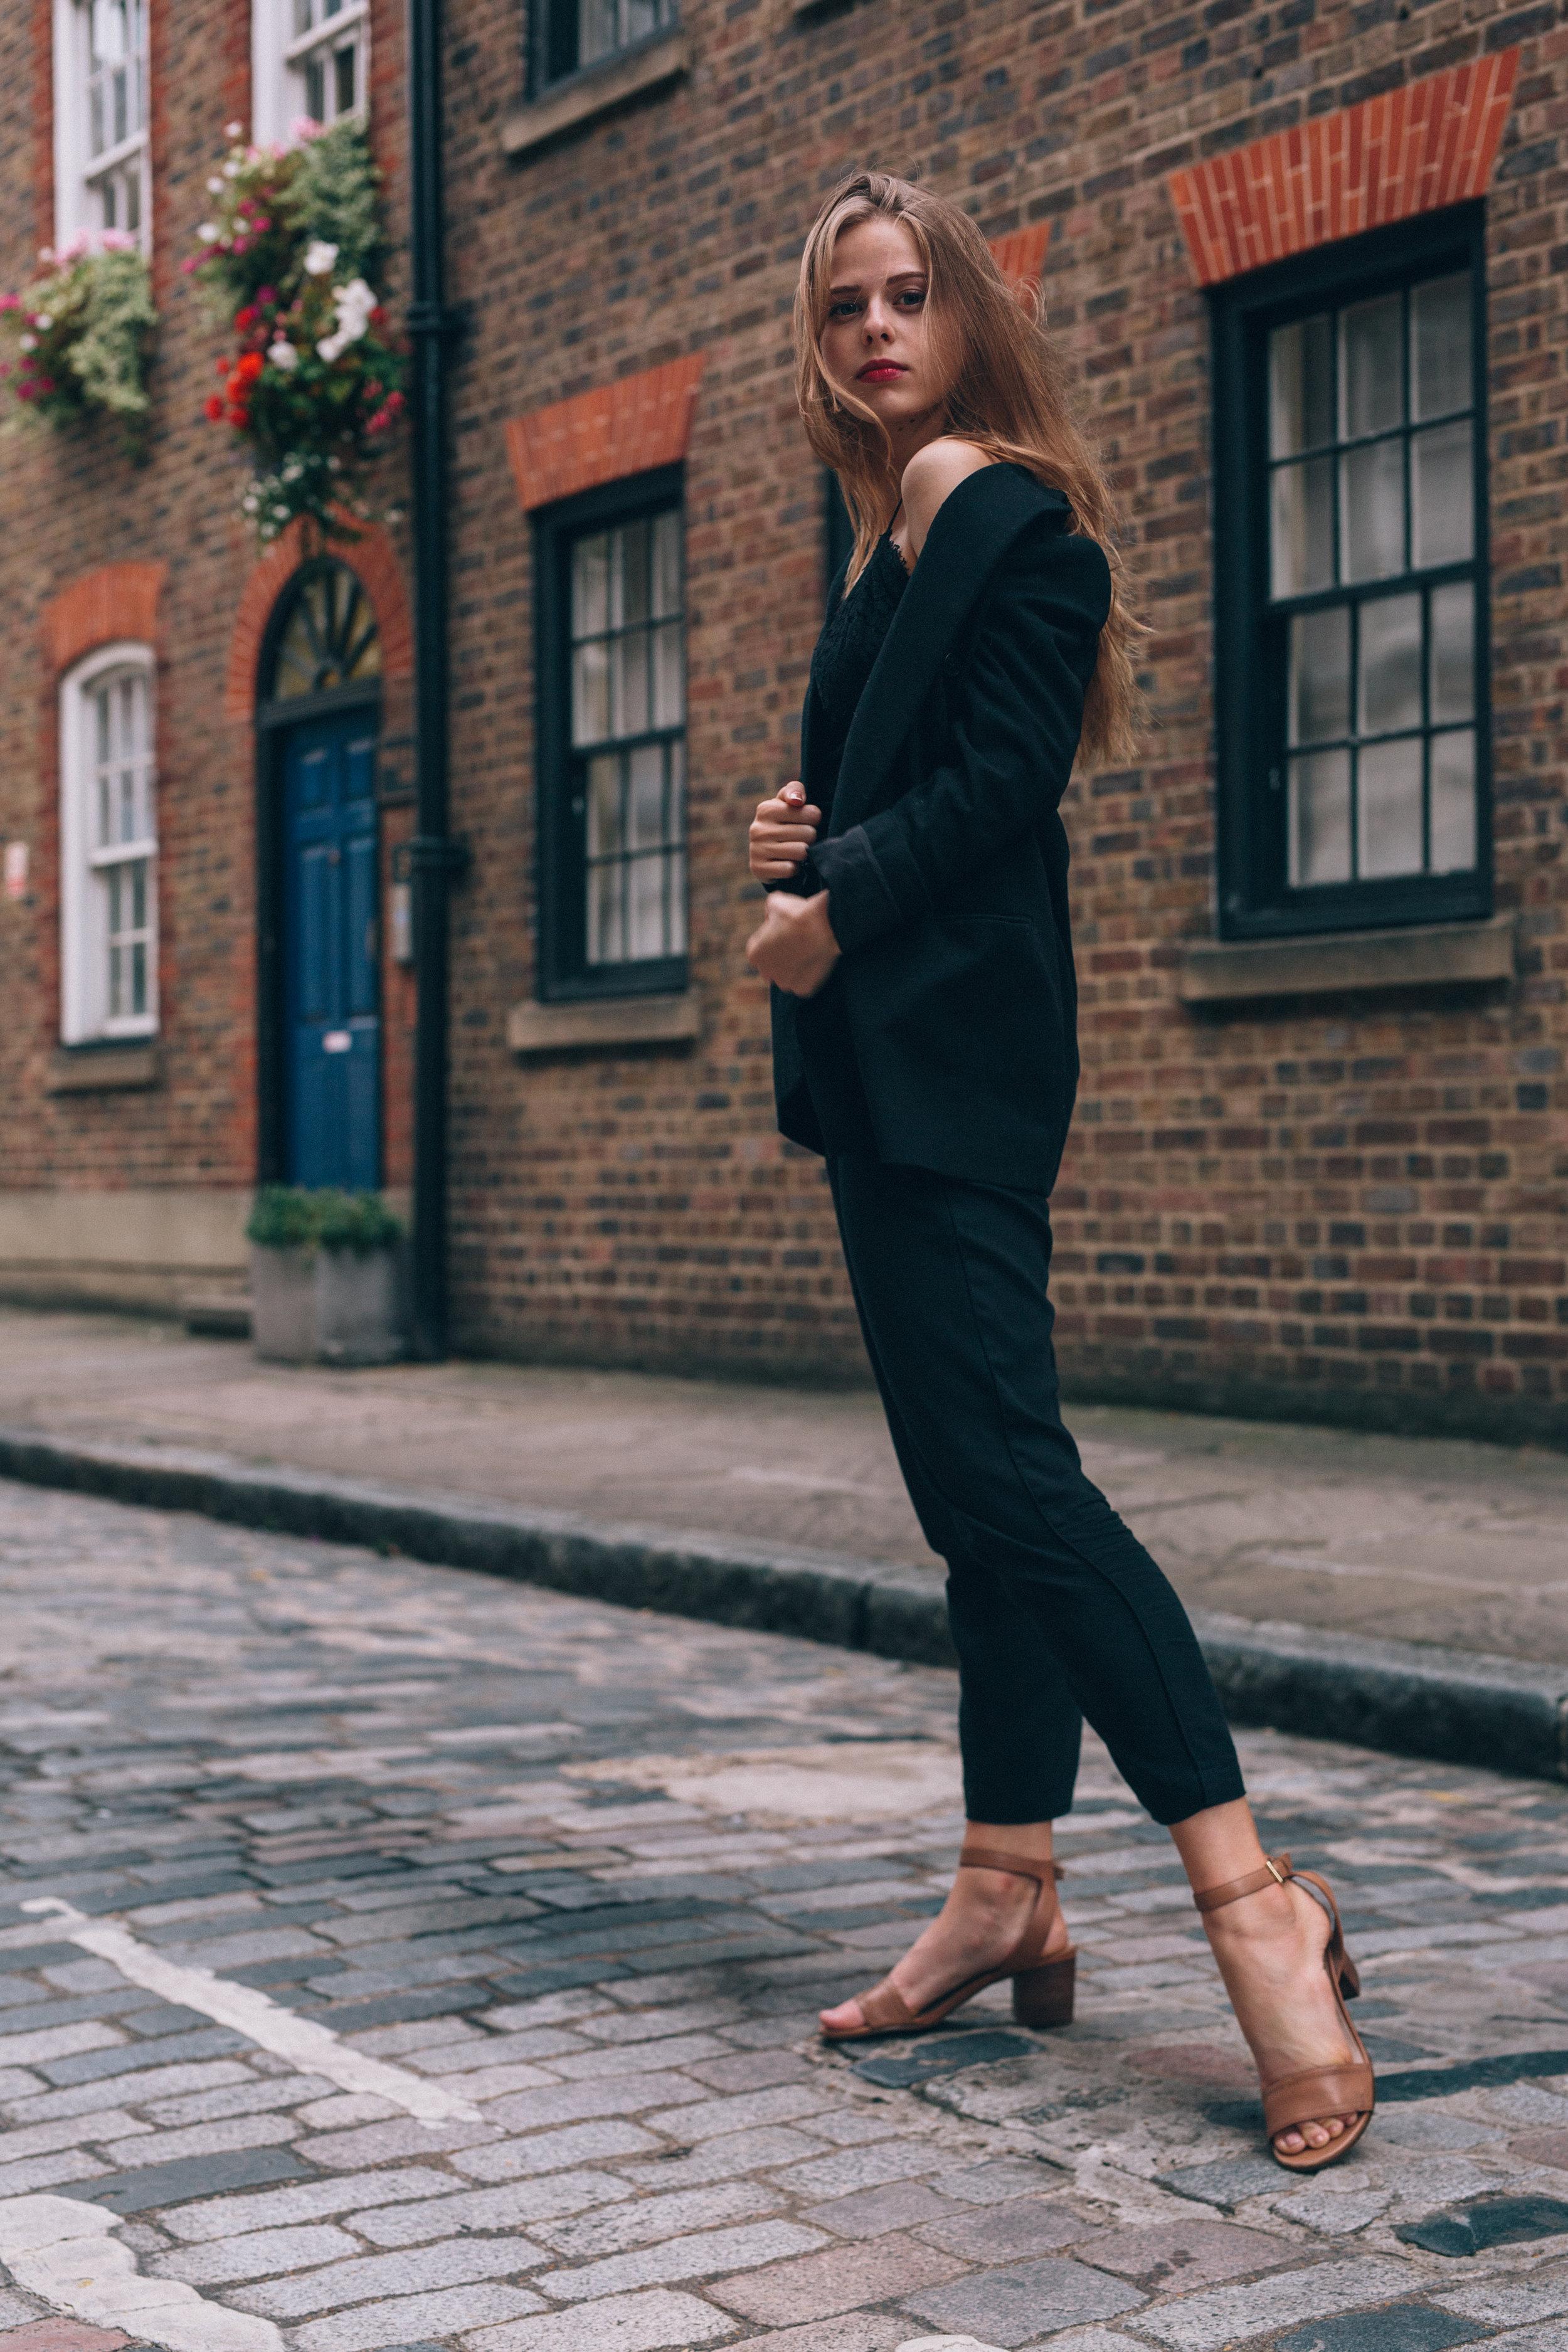 Nora-Spitalfields-14.jpg